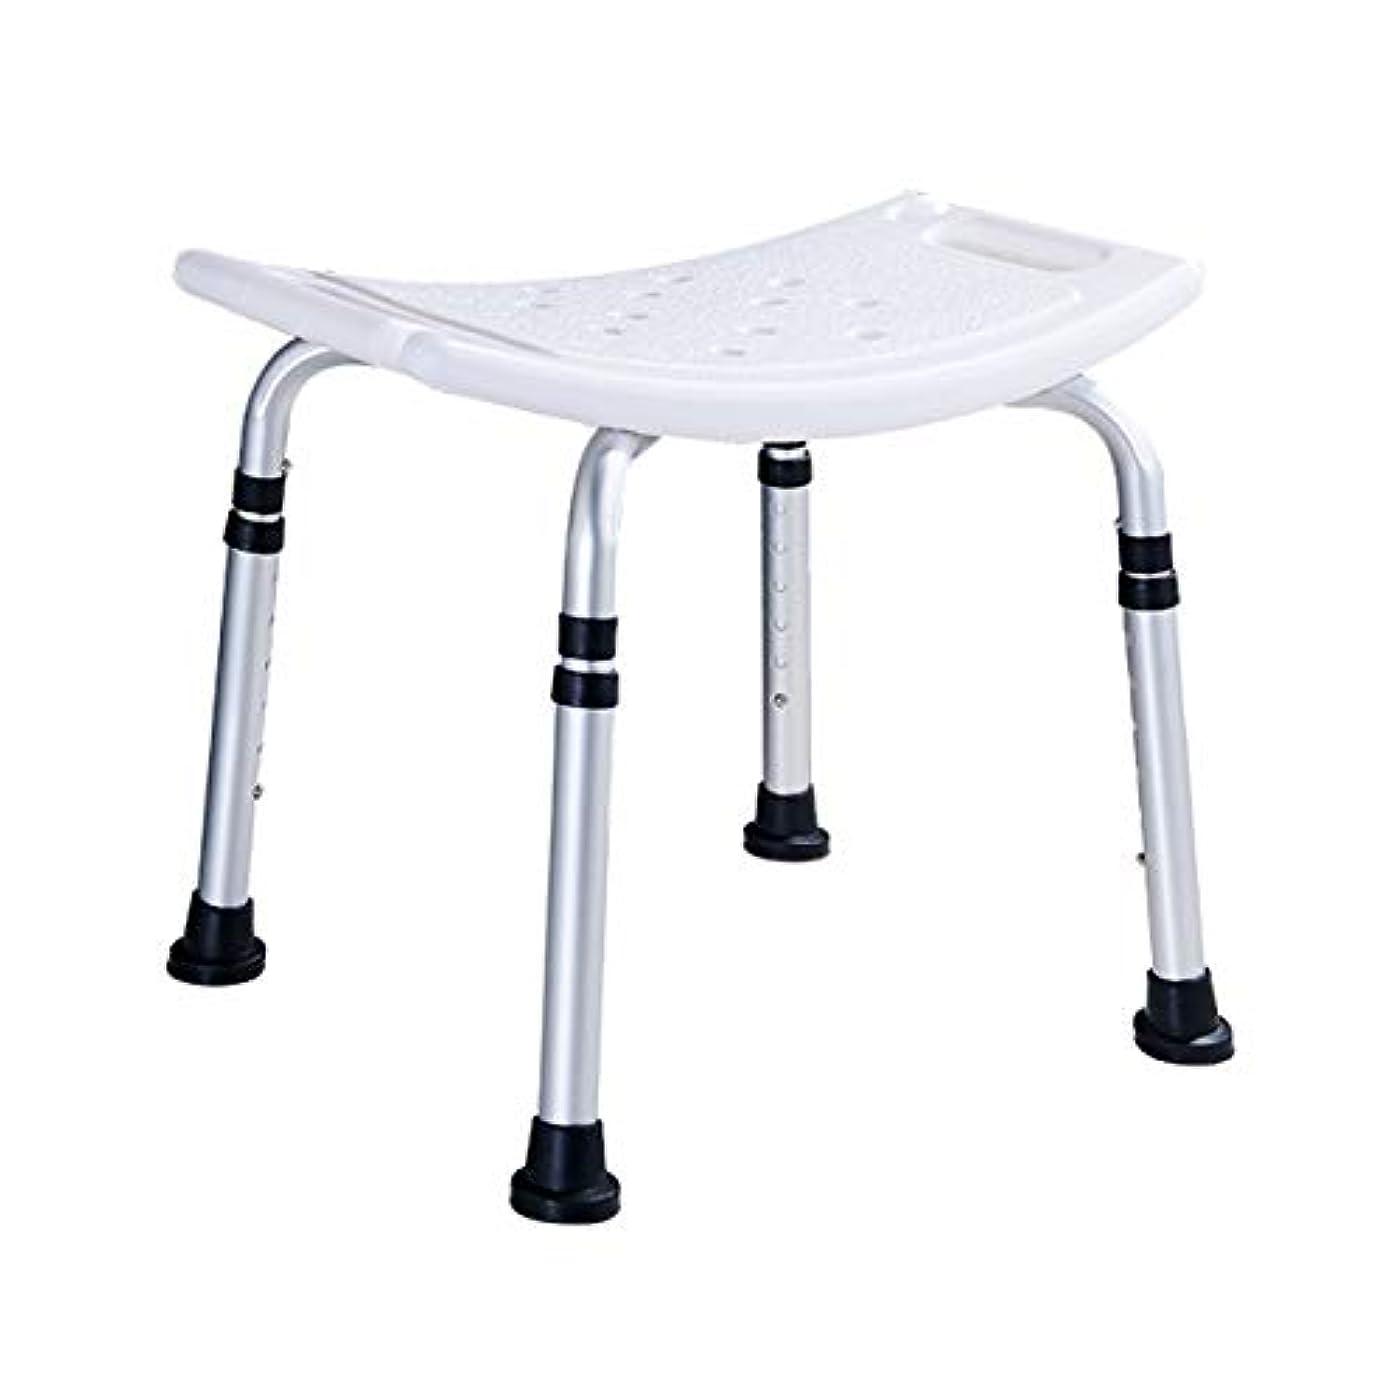 に対処する身元よろめく浴槽/シャワーチェア、高さ調節可能な脚付きバスルームシート、エルゴノミックスツール排水管スリップ成人/高齢者/身体障害者